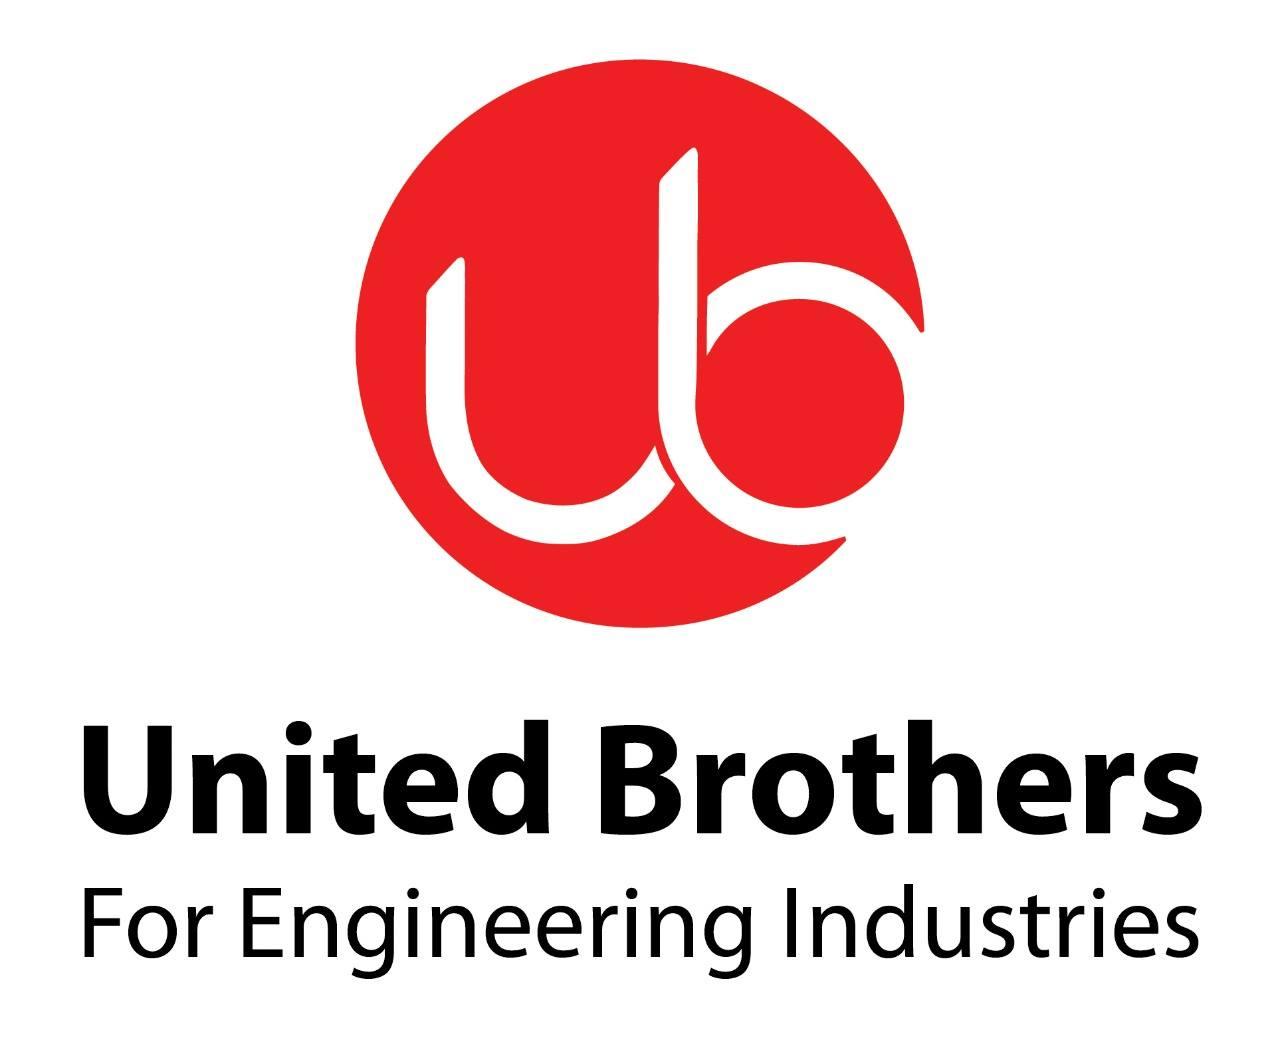 لوجو يونايتد برازرز للصناعات الهندسية